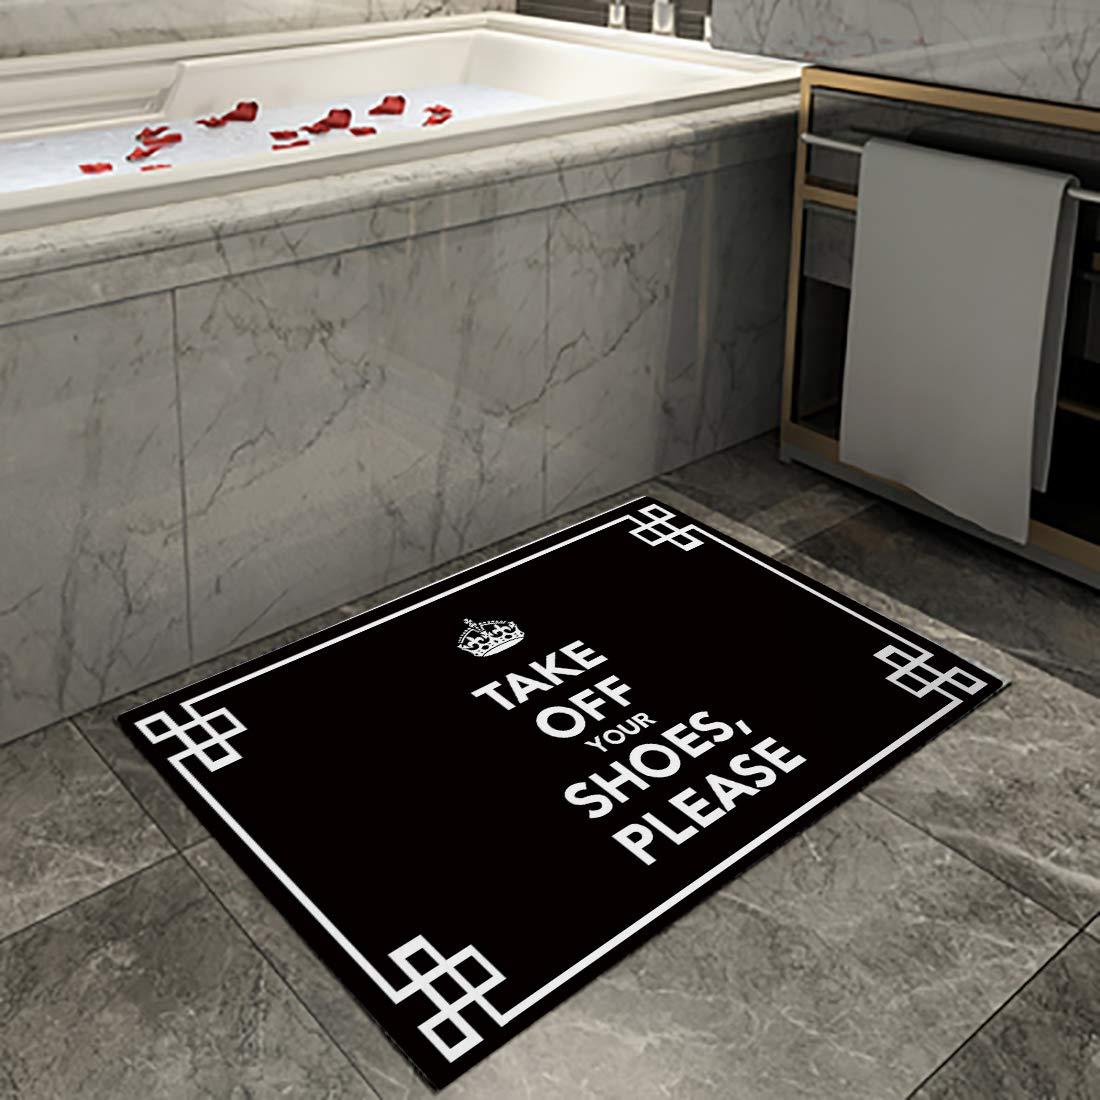 Black Please Take Off Your Shoes Family Decor Doormat Indoor Rubber Non Slip Entrance Way Welcome Door Mat for Bathroom//Kitchen//Front Door Waterproof Absorb Area Rugs Floor Runner Carpet